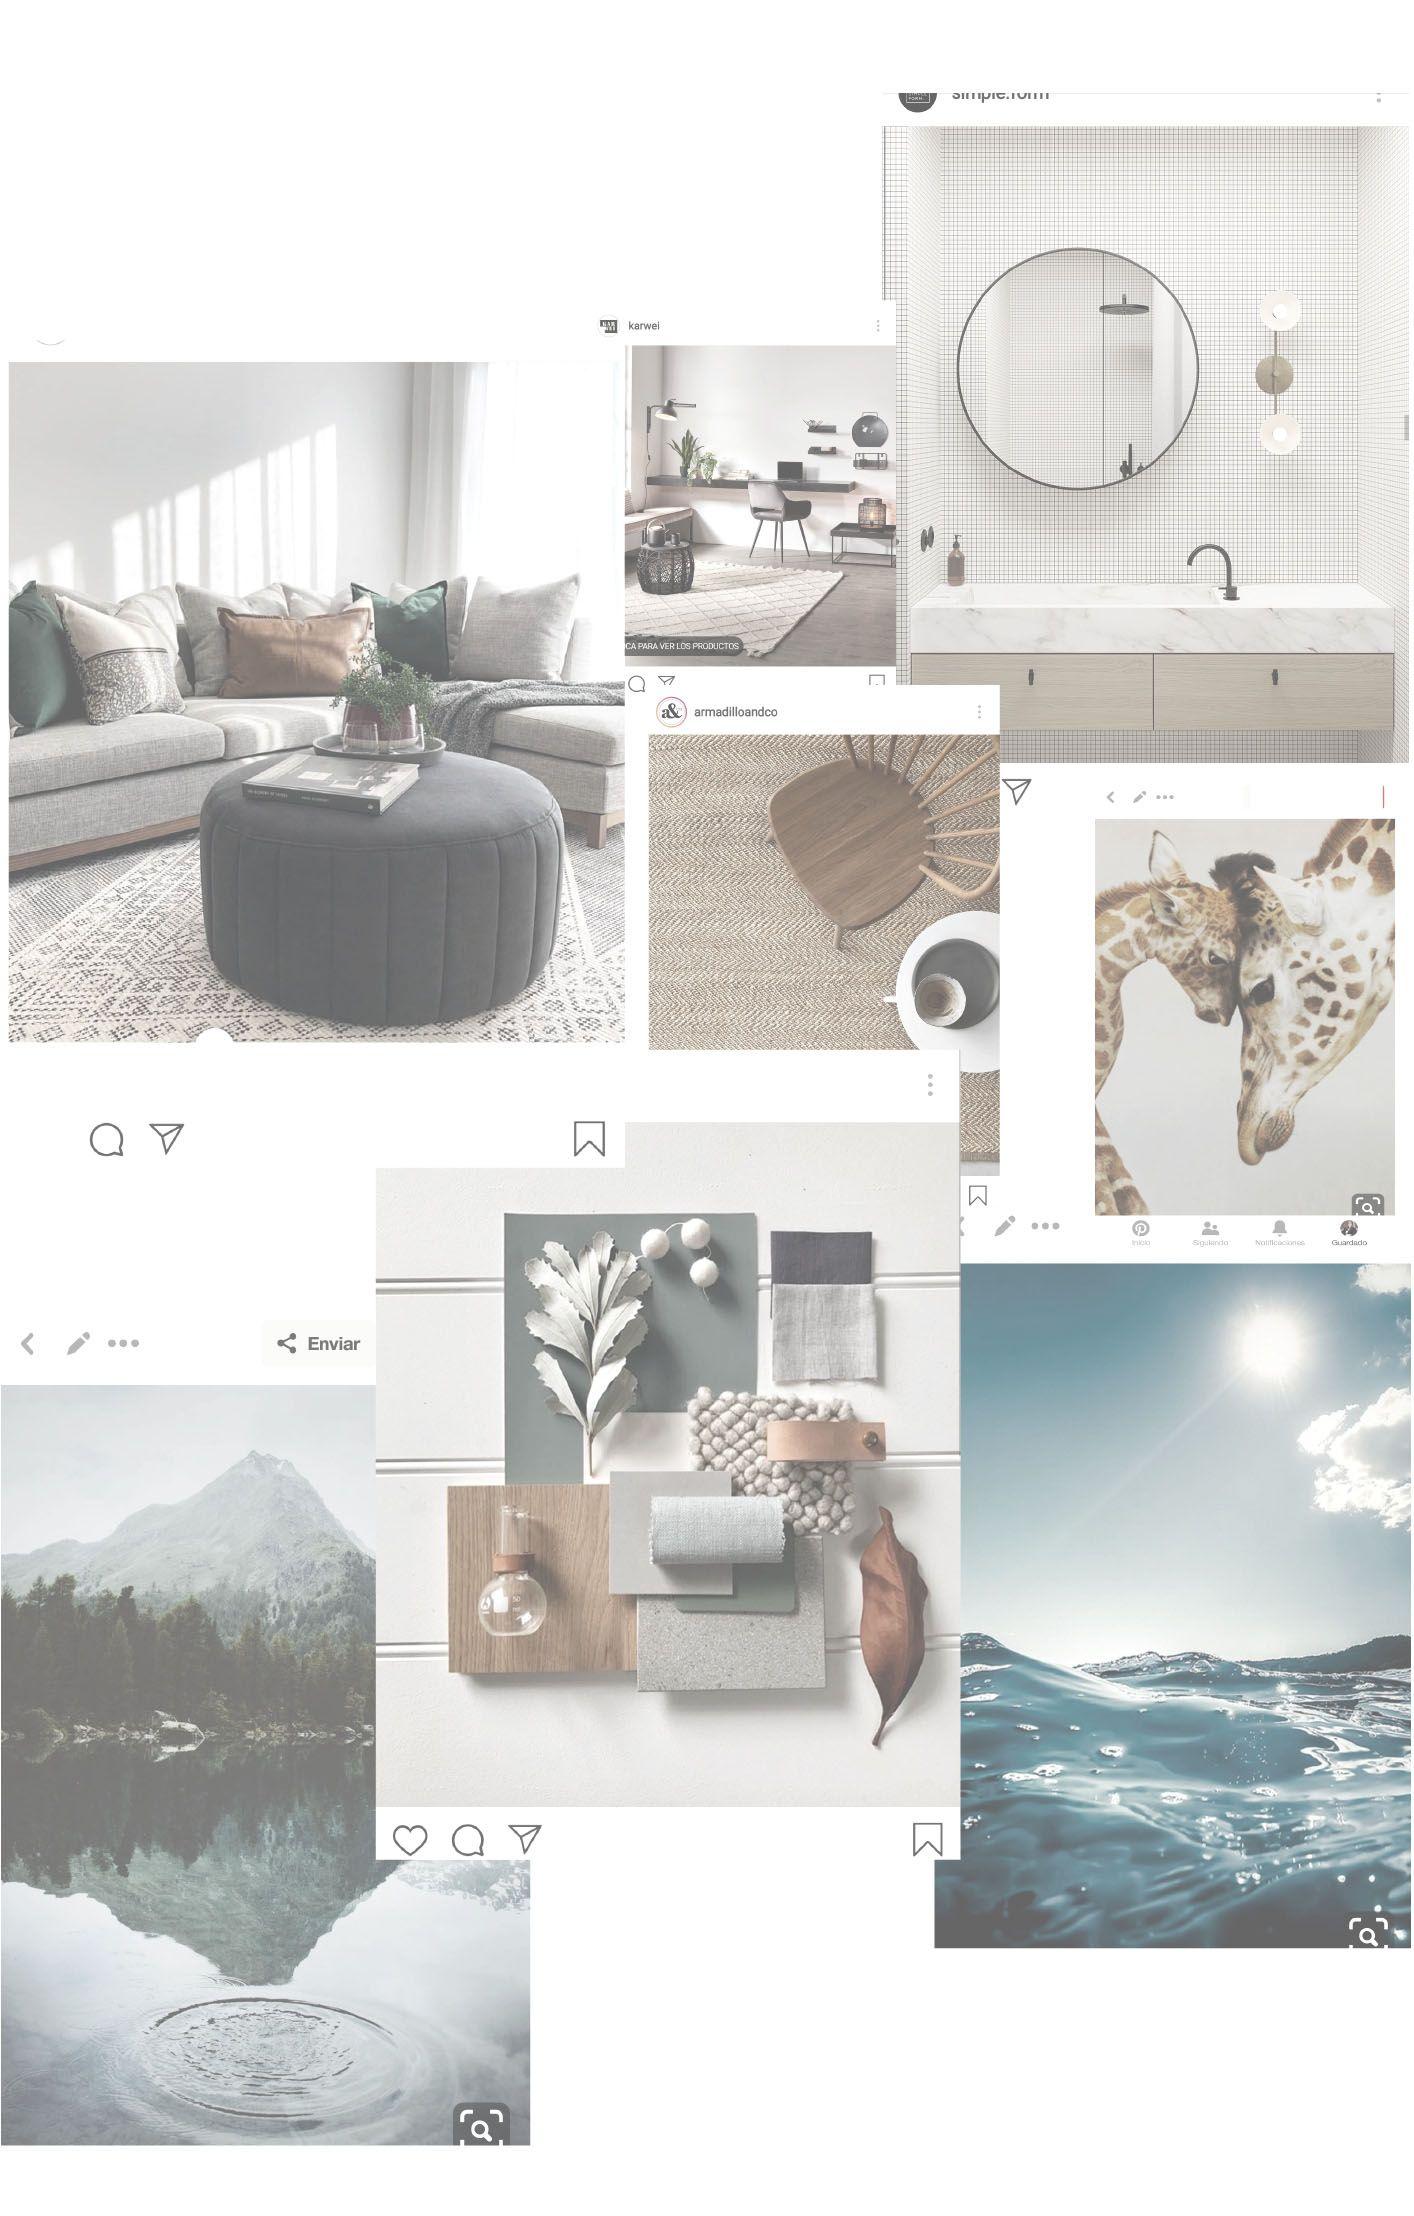 Diseño de interiores en 3D online para reformar tu casa o alojamiento turístico antes de invertir en él, deshazte del miedo a equivocarte, con proyecto 3D